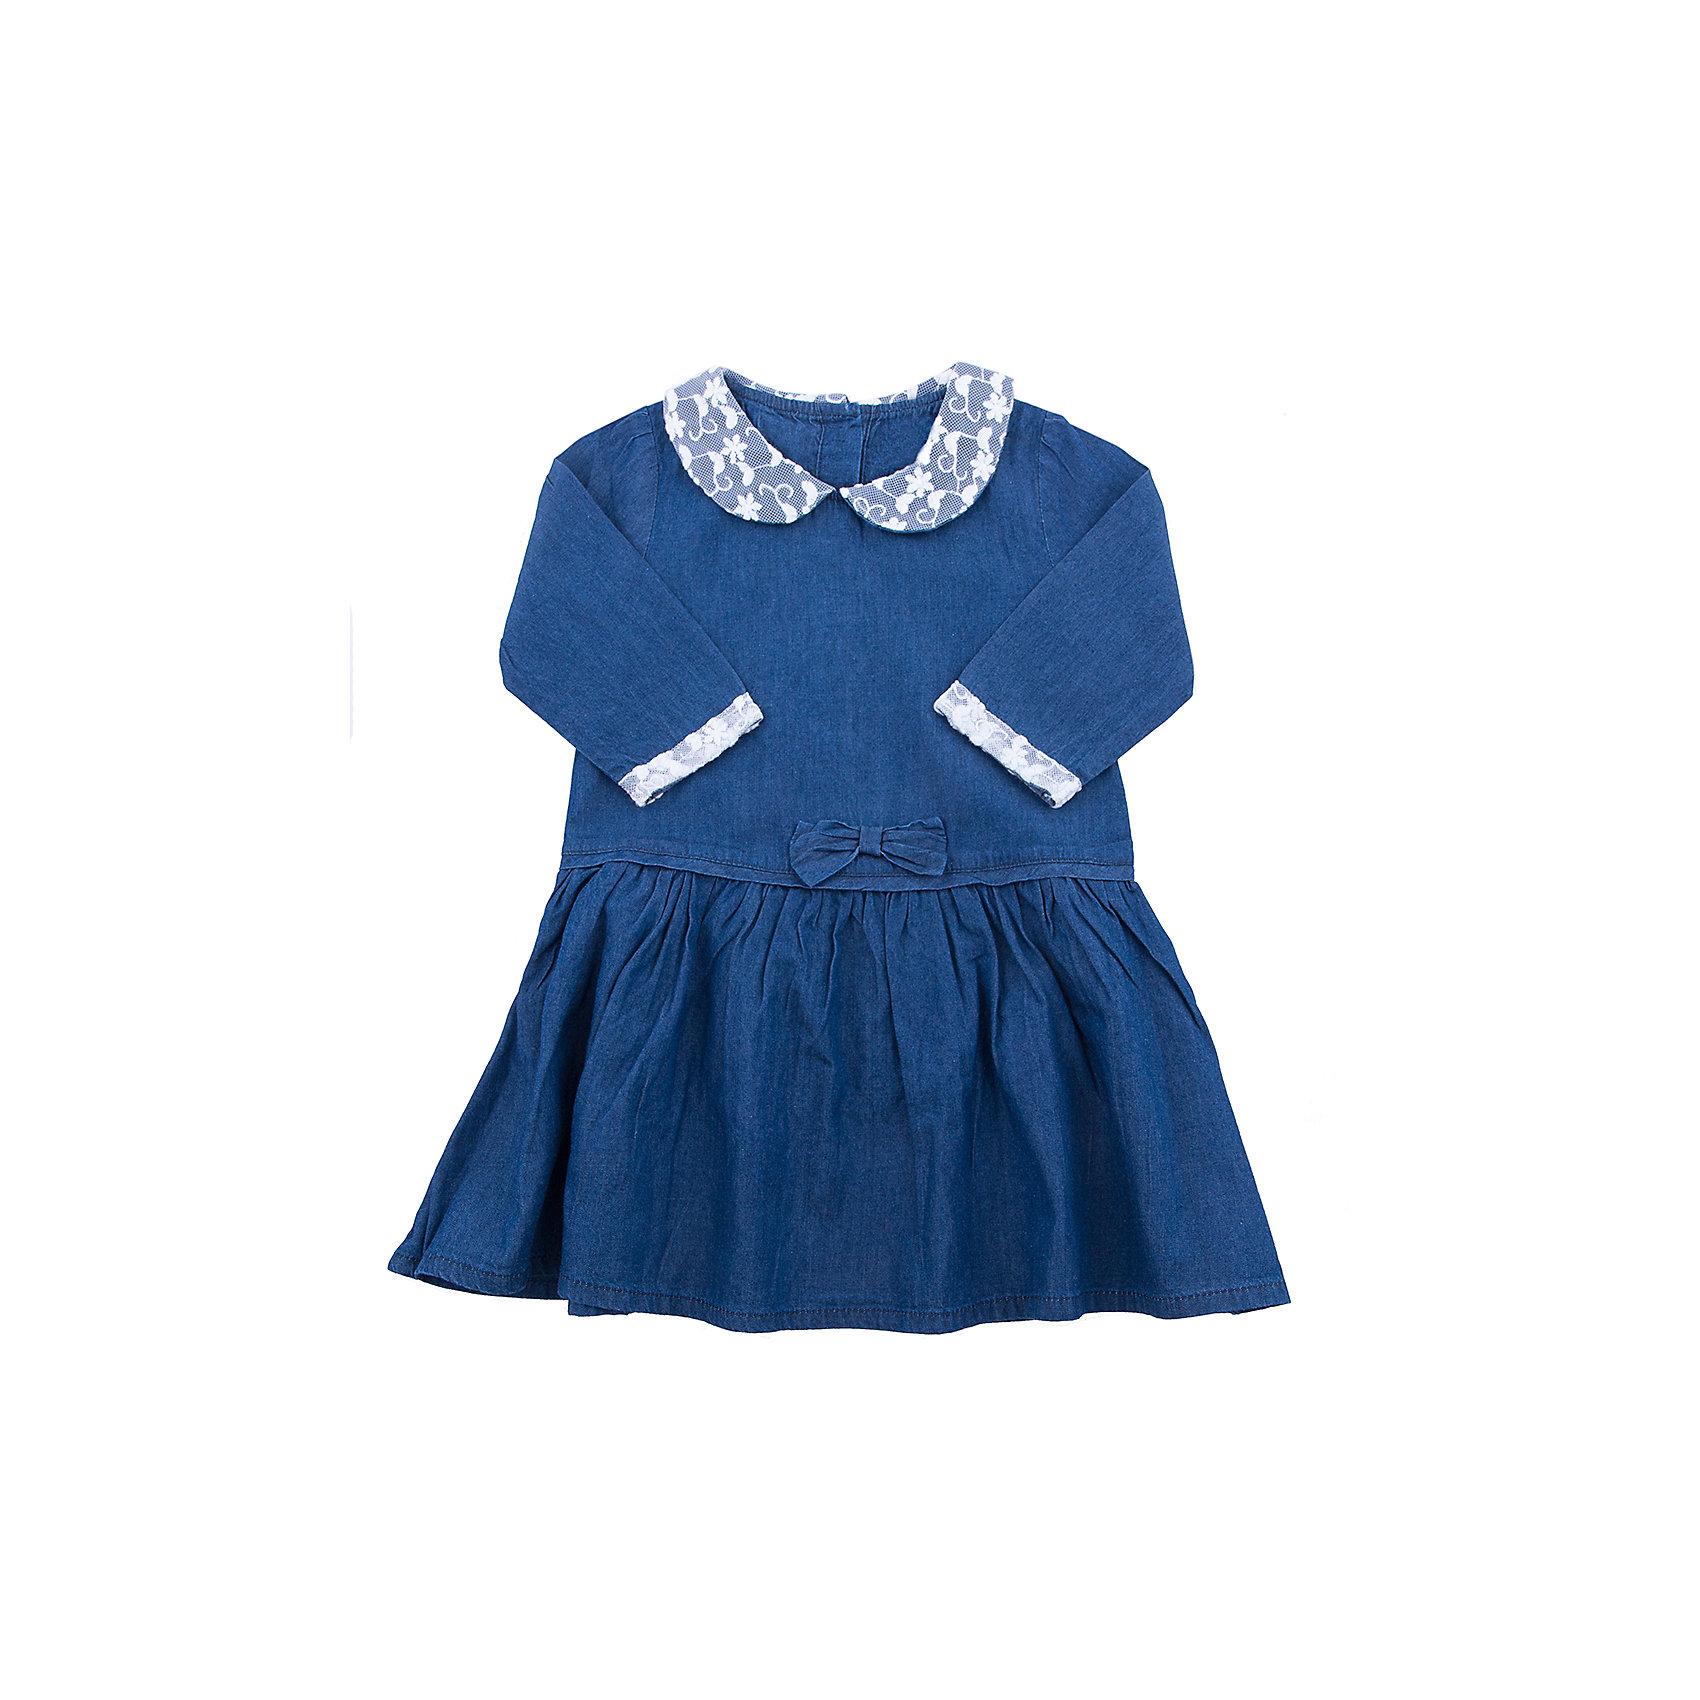 Платье для девочки MinotiПлатье для девочки от популярной английской марки Minoti<br><br>Легкое джинсовое платье отличается продуманным кроем и эффектным дизайном. Модель легко надевается, отлично смотрится, не стесняет движения. <br>Особенности модели:<br><br>- цвет: синий;<br>- материал - тонкая джинса;<br>- застежкки-пуговицы;<br>- рукава отделаны кружевом;<br>- небольшой бант на талии;<br>- отложной воротник, украшен кружевом;<br>- подол - присборен.<br><br>Дополнительная информация:<br><br>Состав:  100% хлопок<br><br>Уход за изделием:<br><br>стирка в машине при температуре до 30°С,<br>не отбеливать.<br><br>Платье для девочки от Minoti (Минотти) можно купить в нашем магазине<br><br>Ширина мм: 190<br>Глубина мм: 74<br>Высота мм: 229<br>Вес г: 236<br>Цвет: разноцветный<br>Возраст от месяцев: 12<br>Возраст до месяцев: 18<br>Пол: Женский<br>Возраст: Детский<br>Размер: 86/92,80/86,98/104,92/98<br>SKU: 4262972